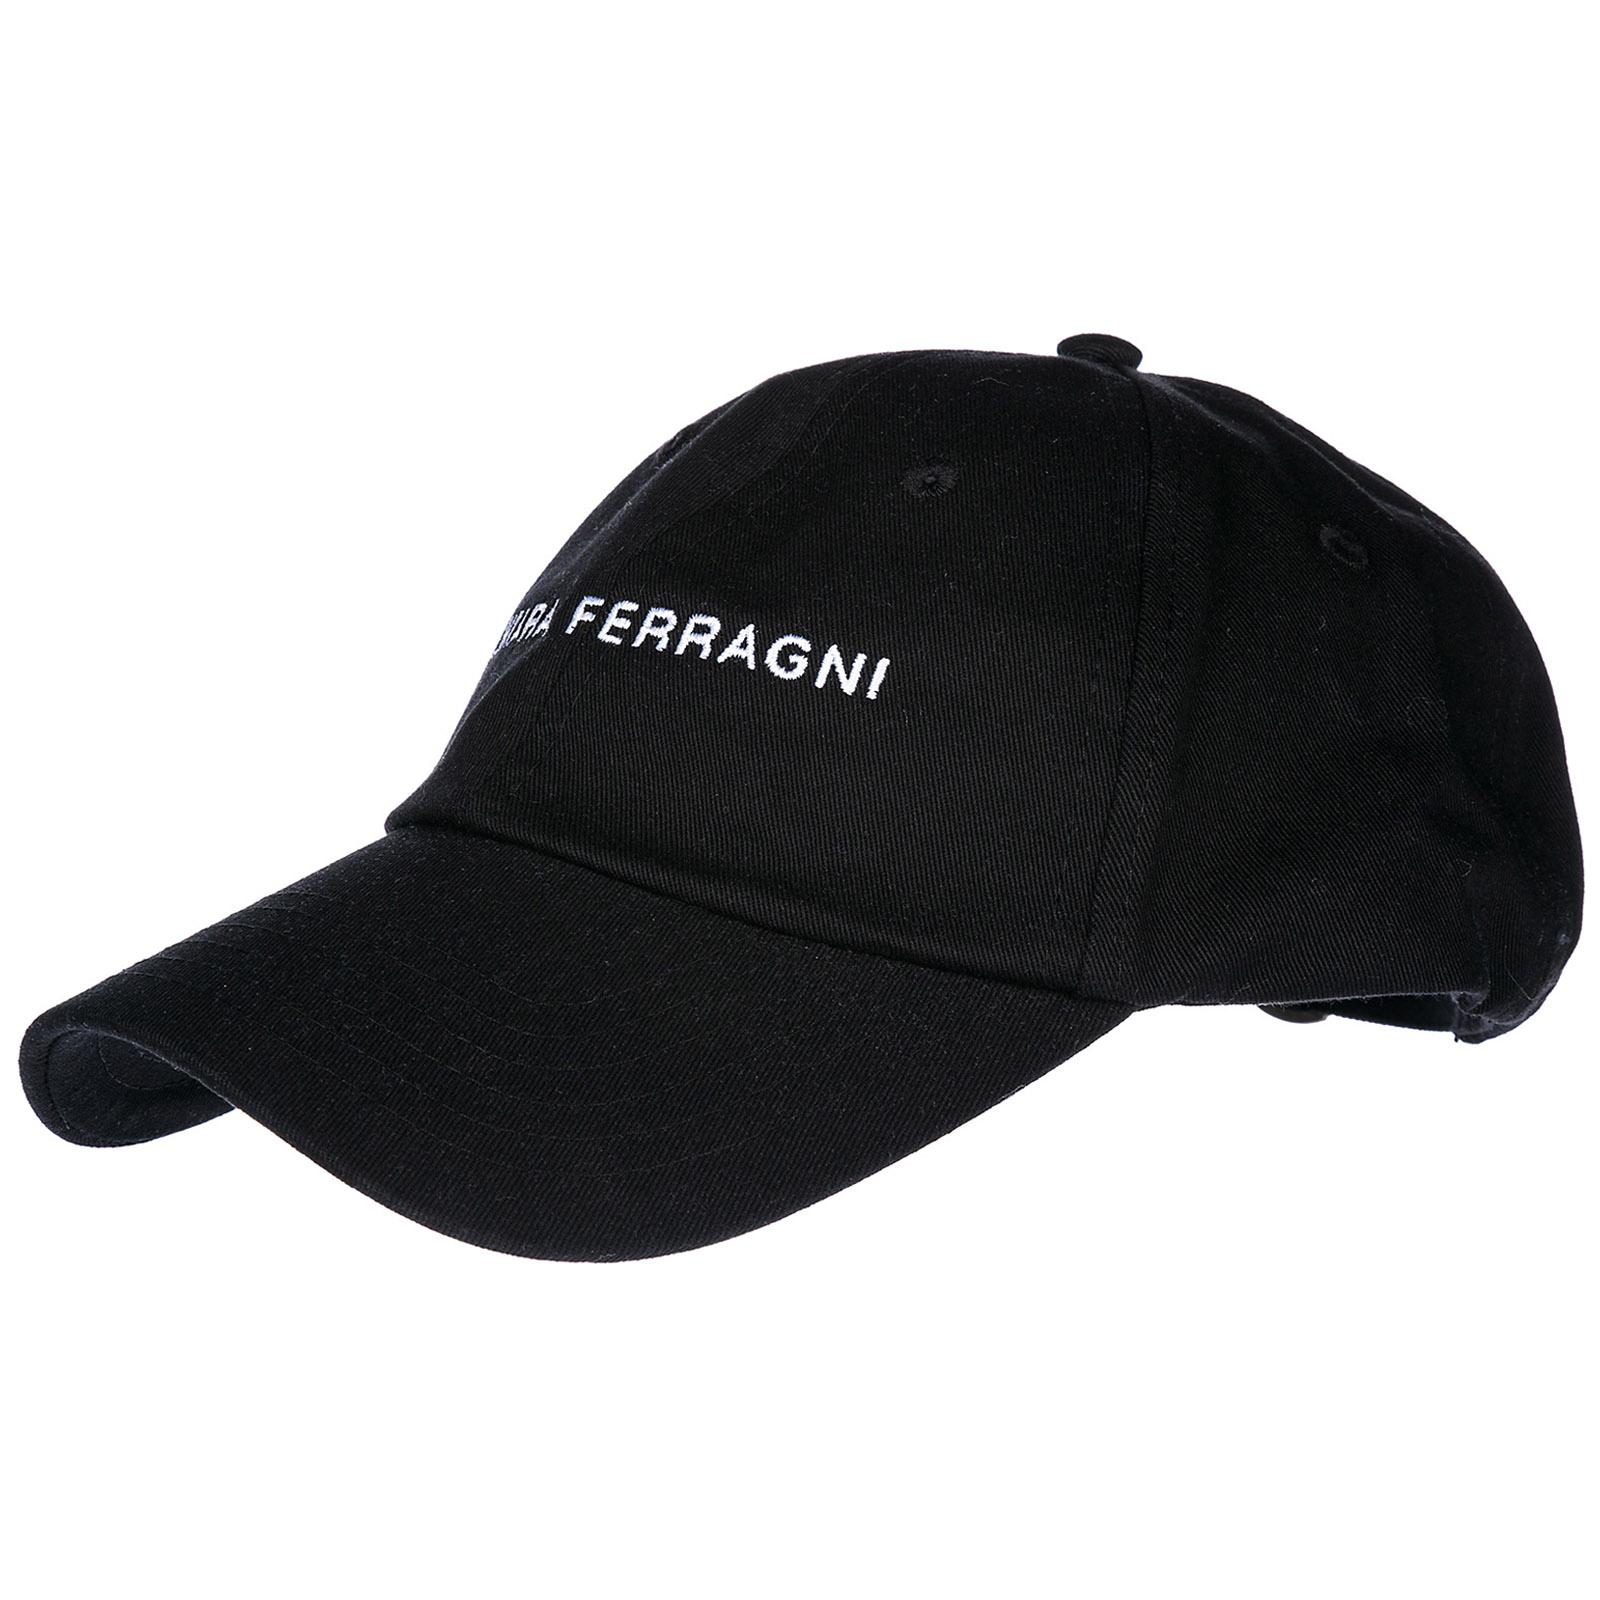 Cappello berretto regolabile donna